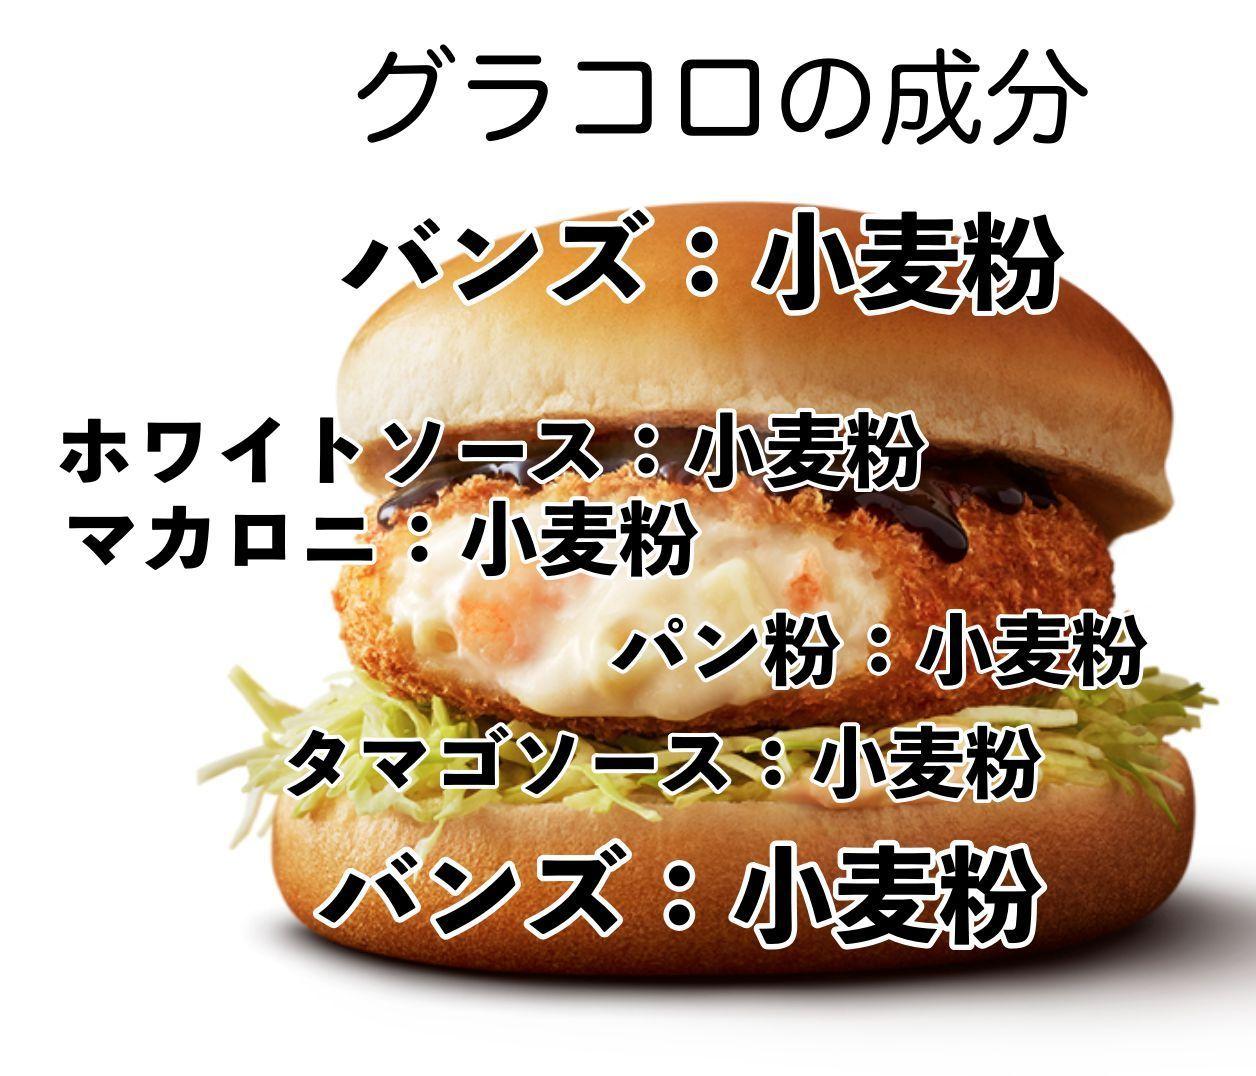 2702 - 日本マクドナルドホールディングス(株) グラコロは小麦粉の塊